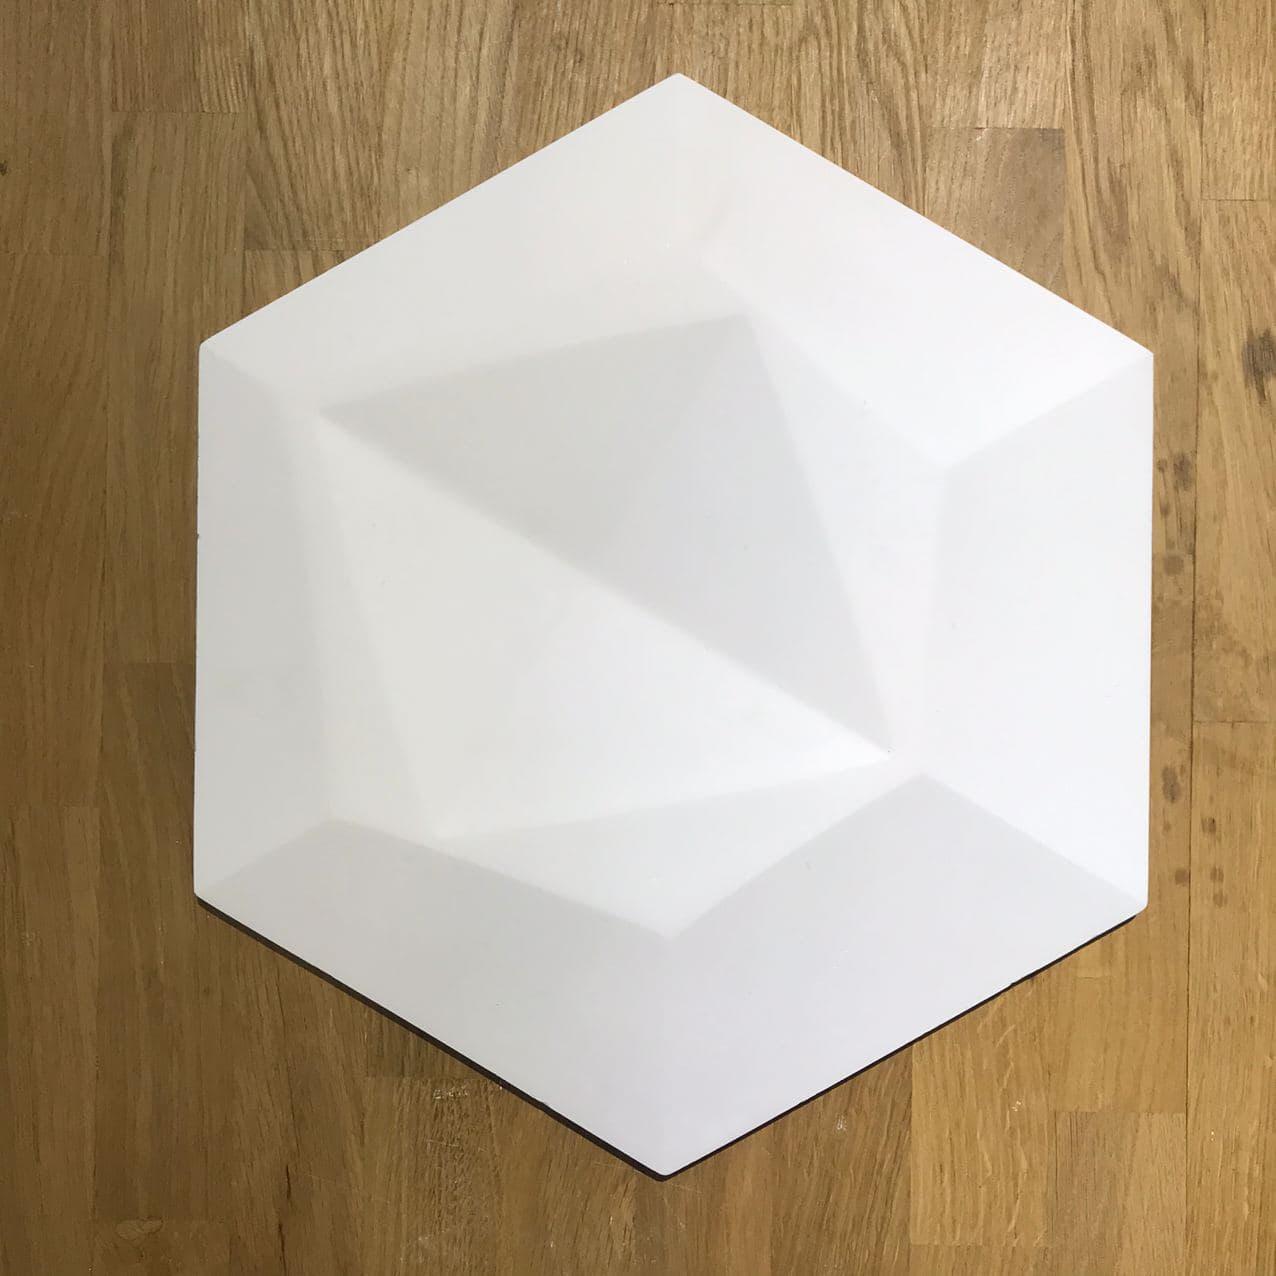 """Декоративные гипсовые 3D панели Gipster """"Сота Узор"""" Белый 370*320*15 мм"""